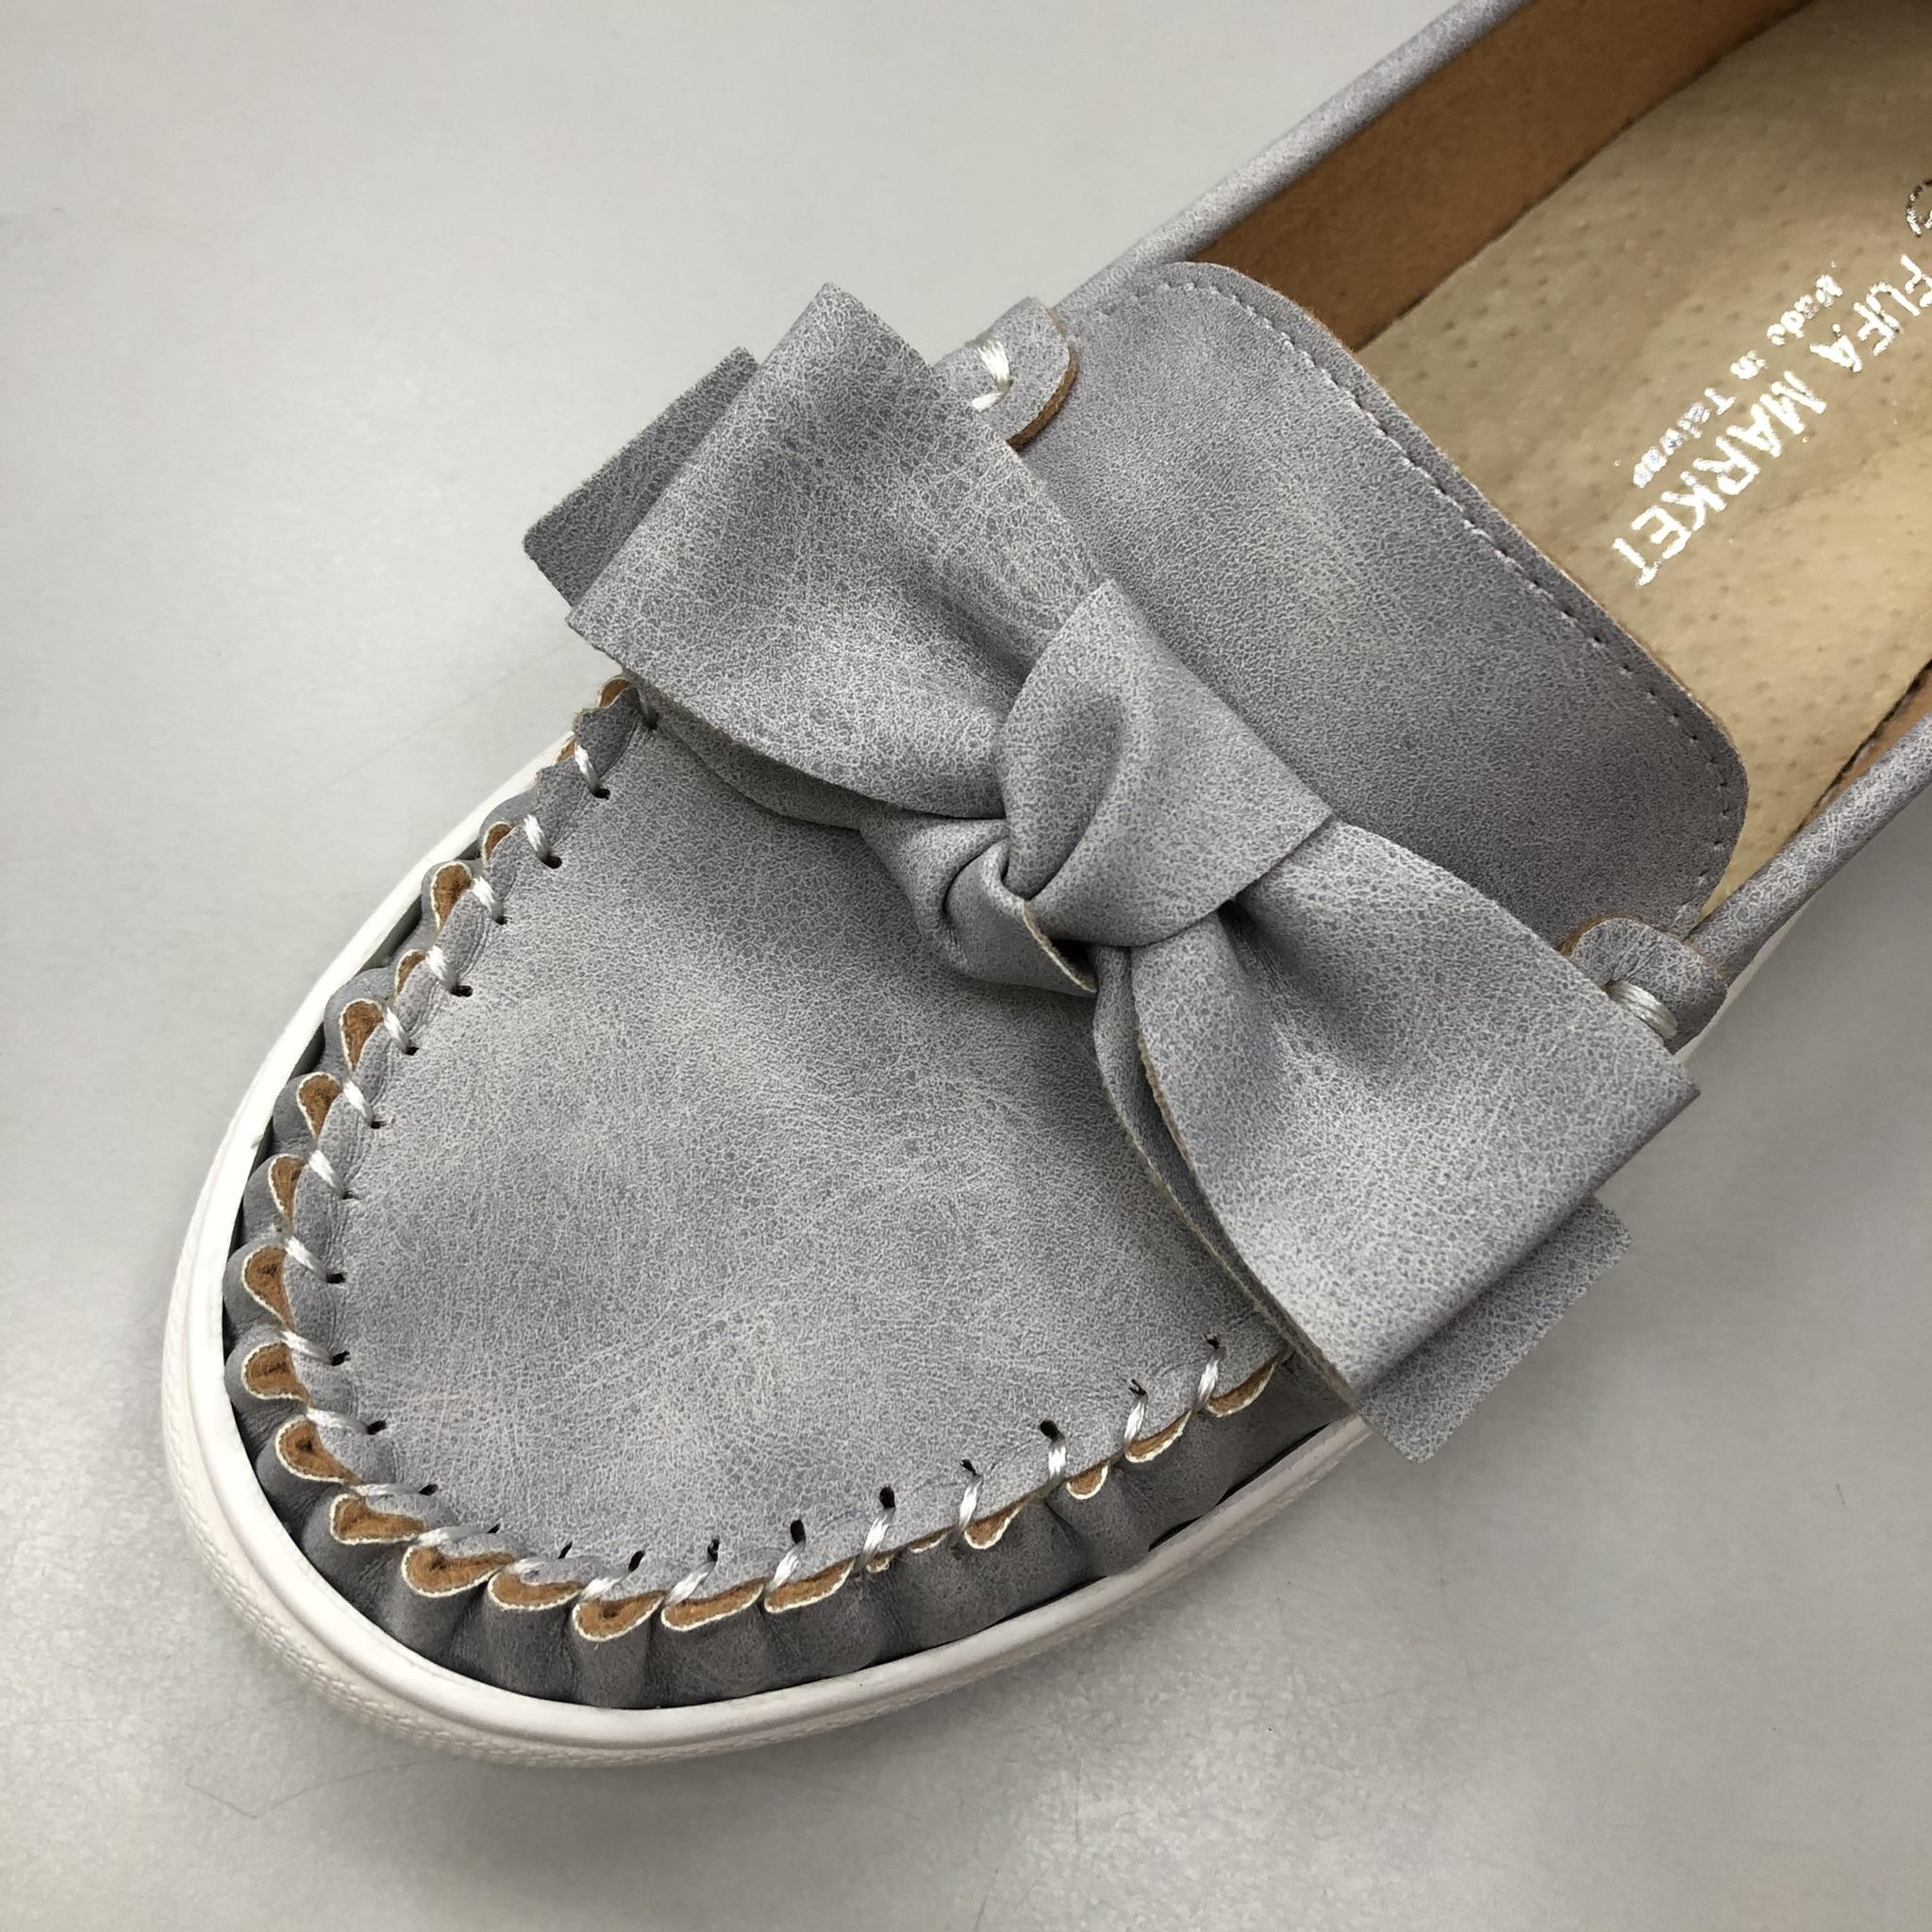 鞋子構造_豆豆鞋鞋面